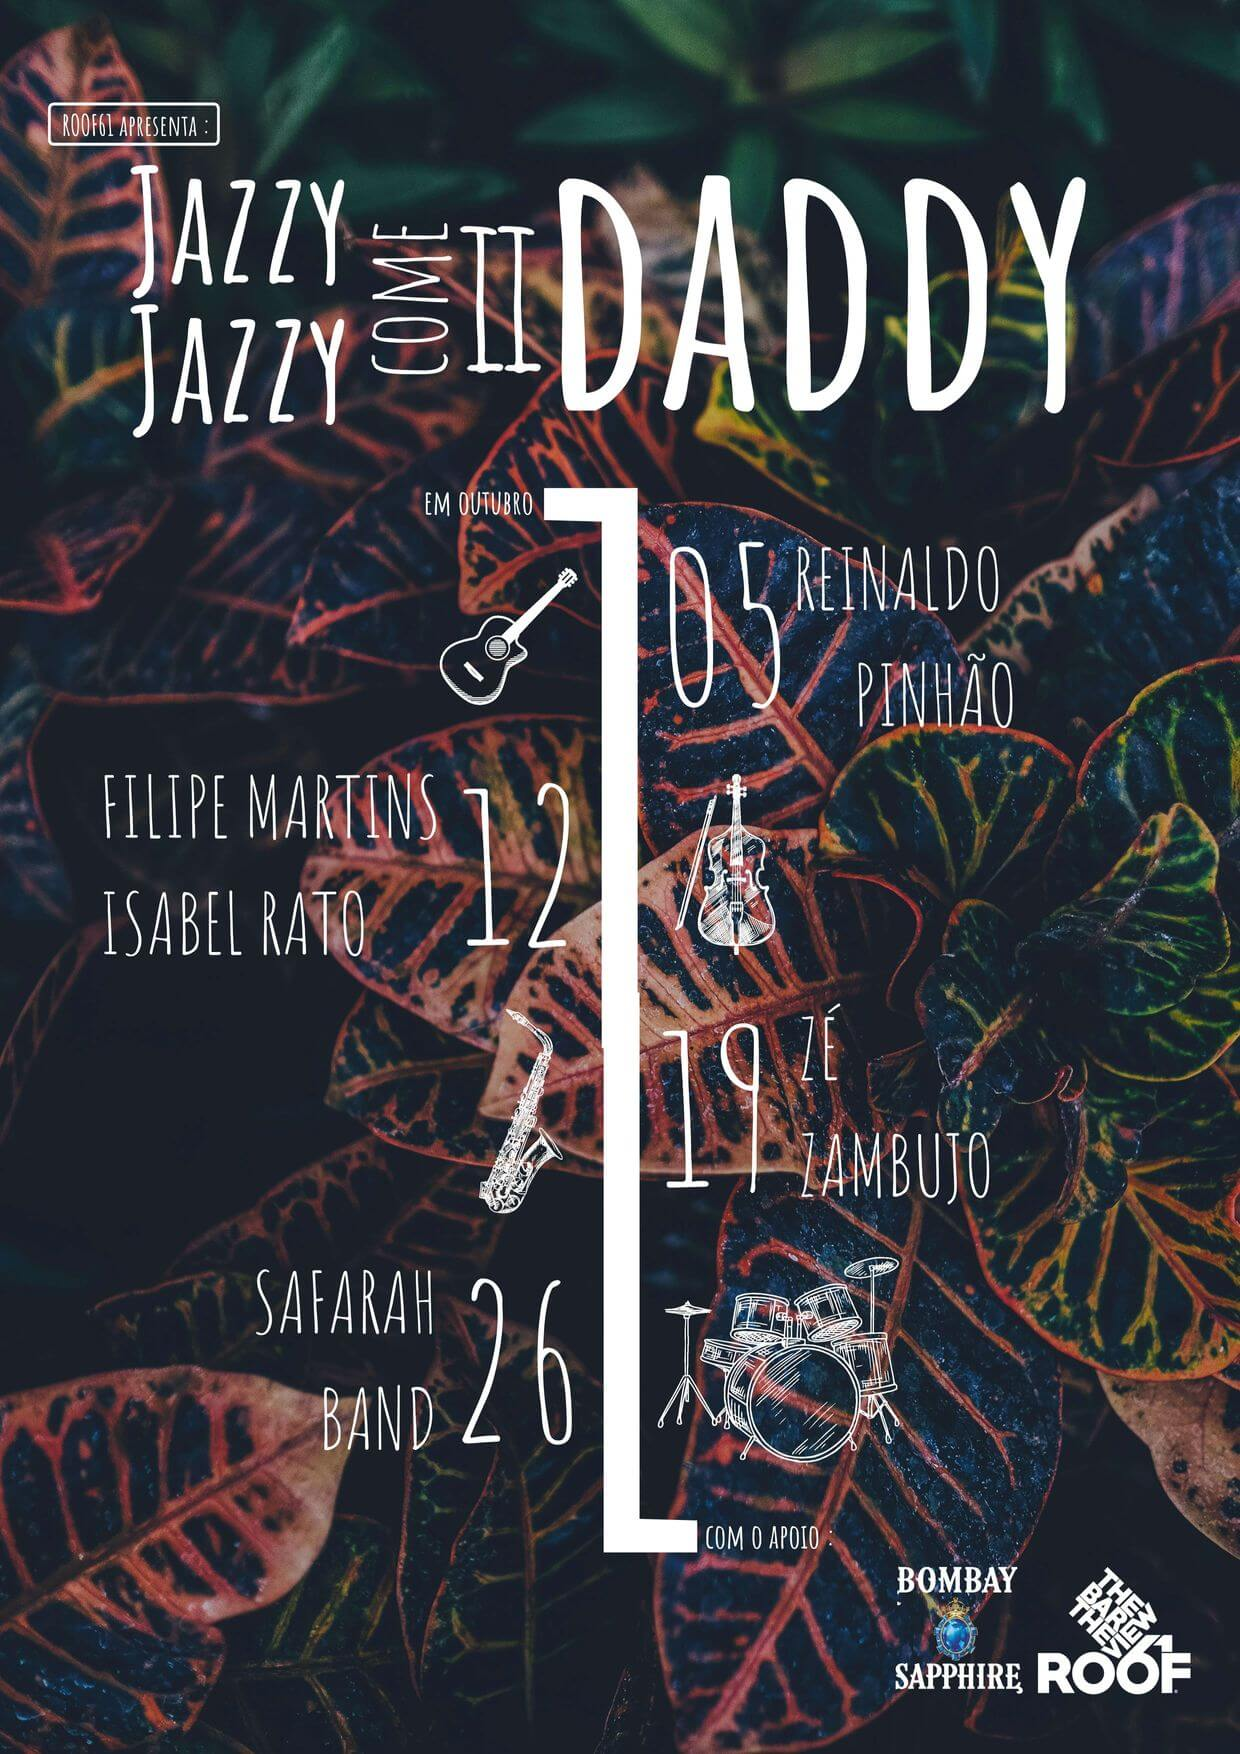 Jazzy Jazzy come ii Daddy Cartaz - Roof61 - Setubal